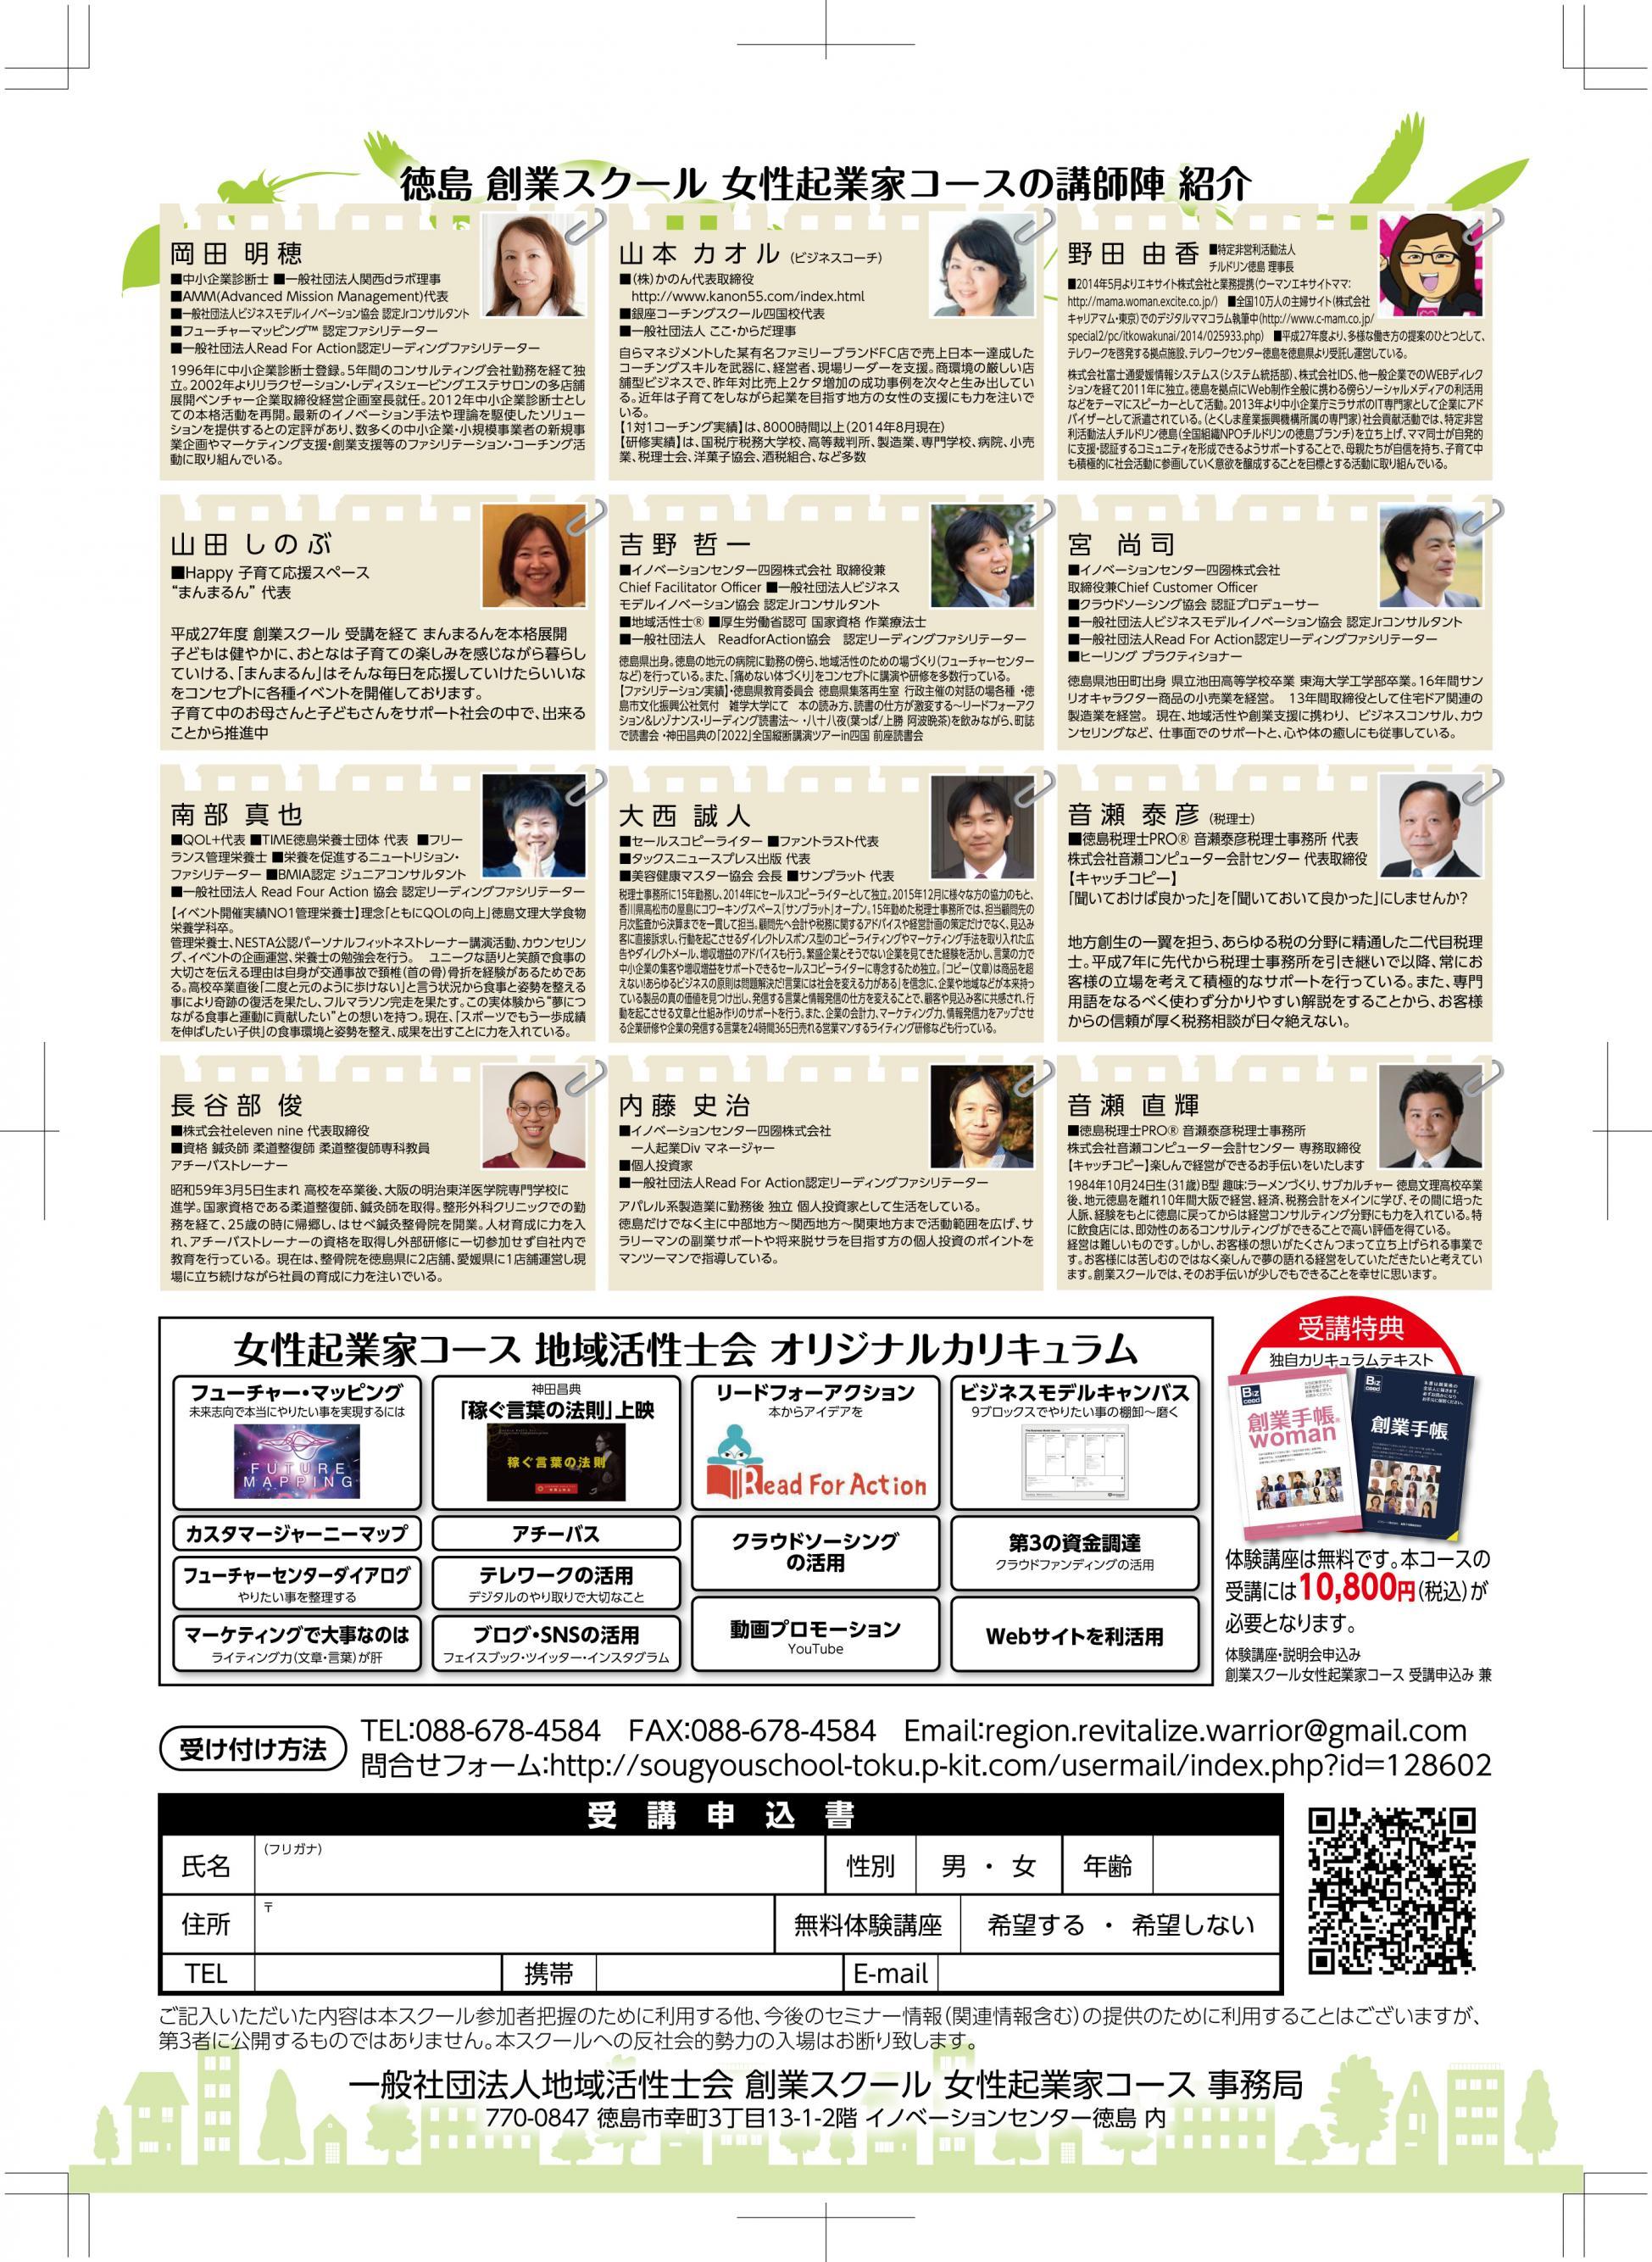 平成28年度地域創業促進支援事業 徳島 創業スクール 女性起業家コース 優秀スクール10選